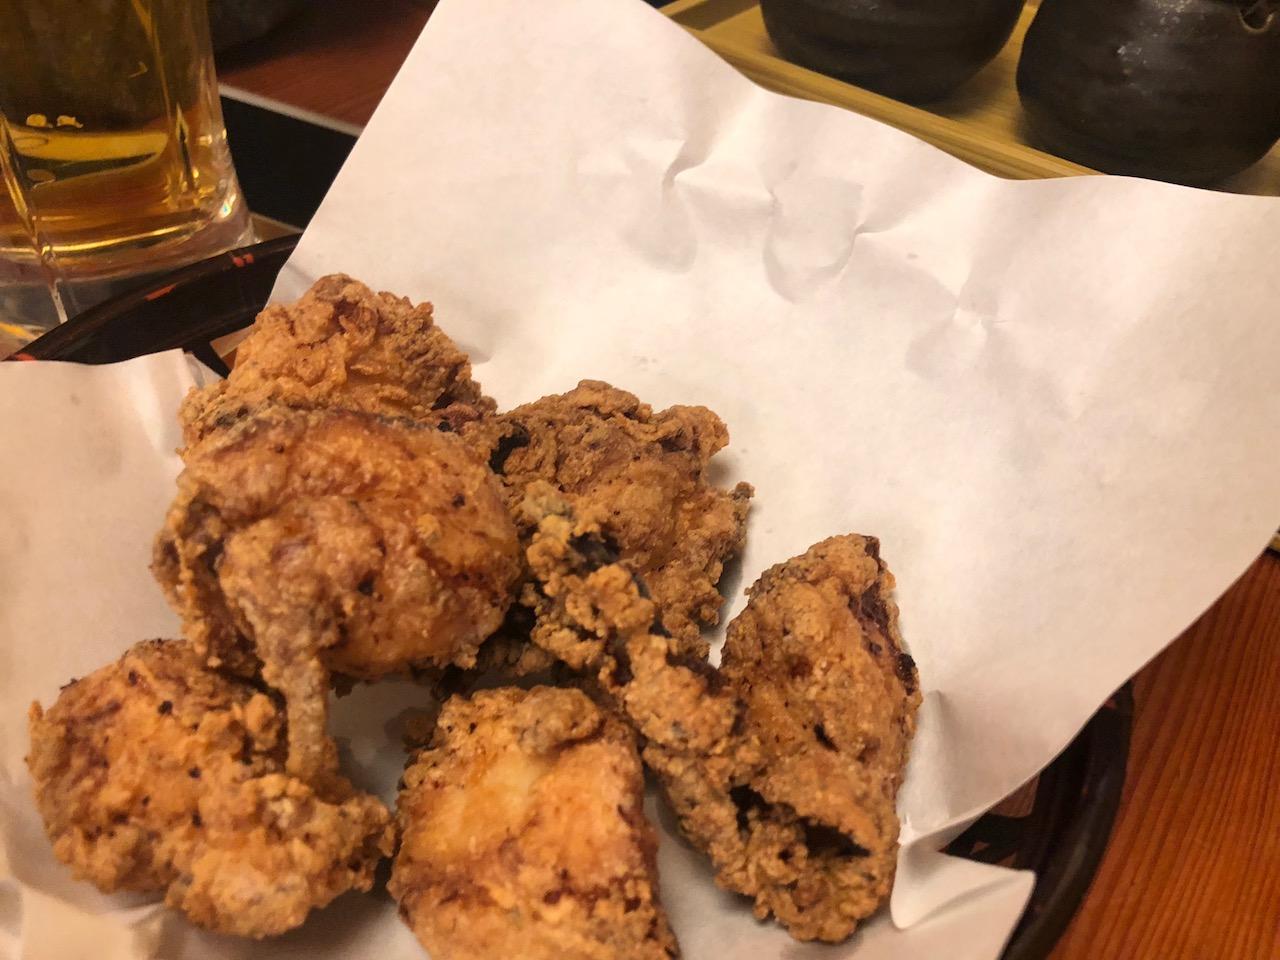 鳥貴族 姫路駅前店に行ってきた!焼き鳥食べてビール飲んで・・・激安やん?